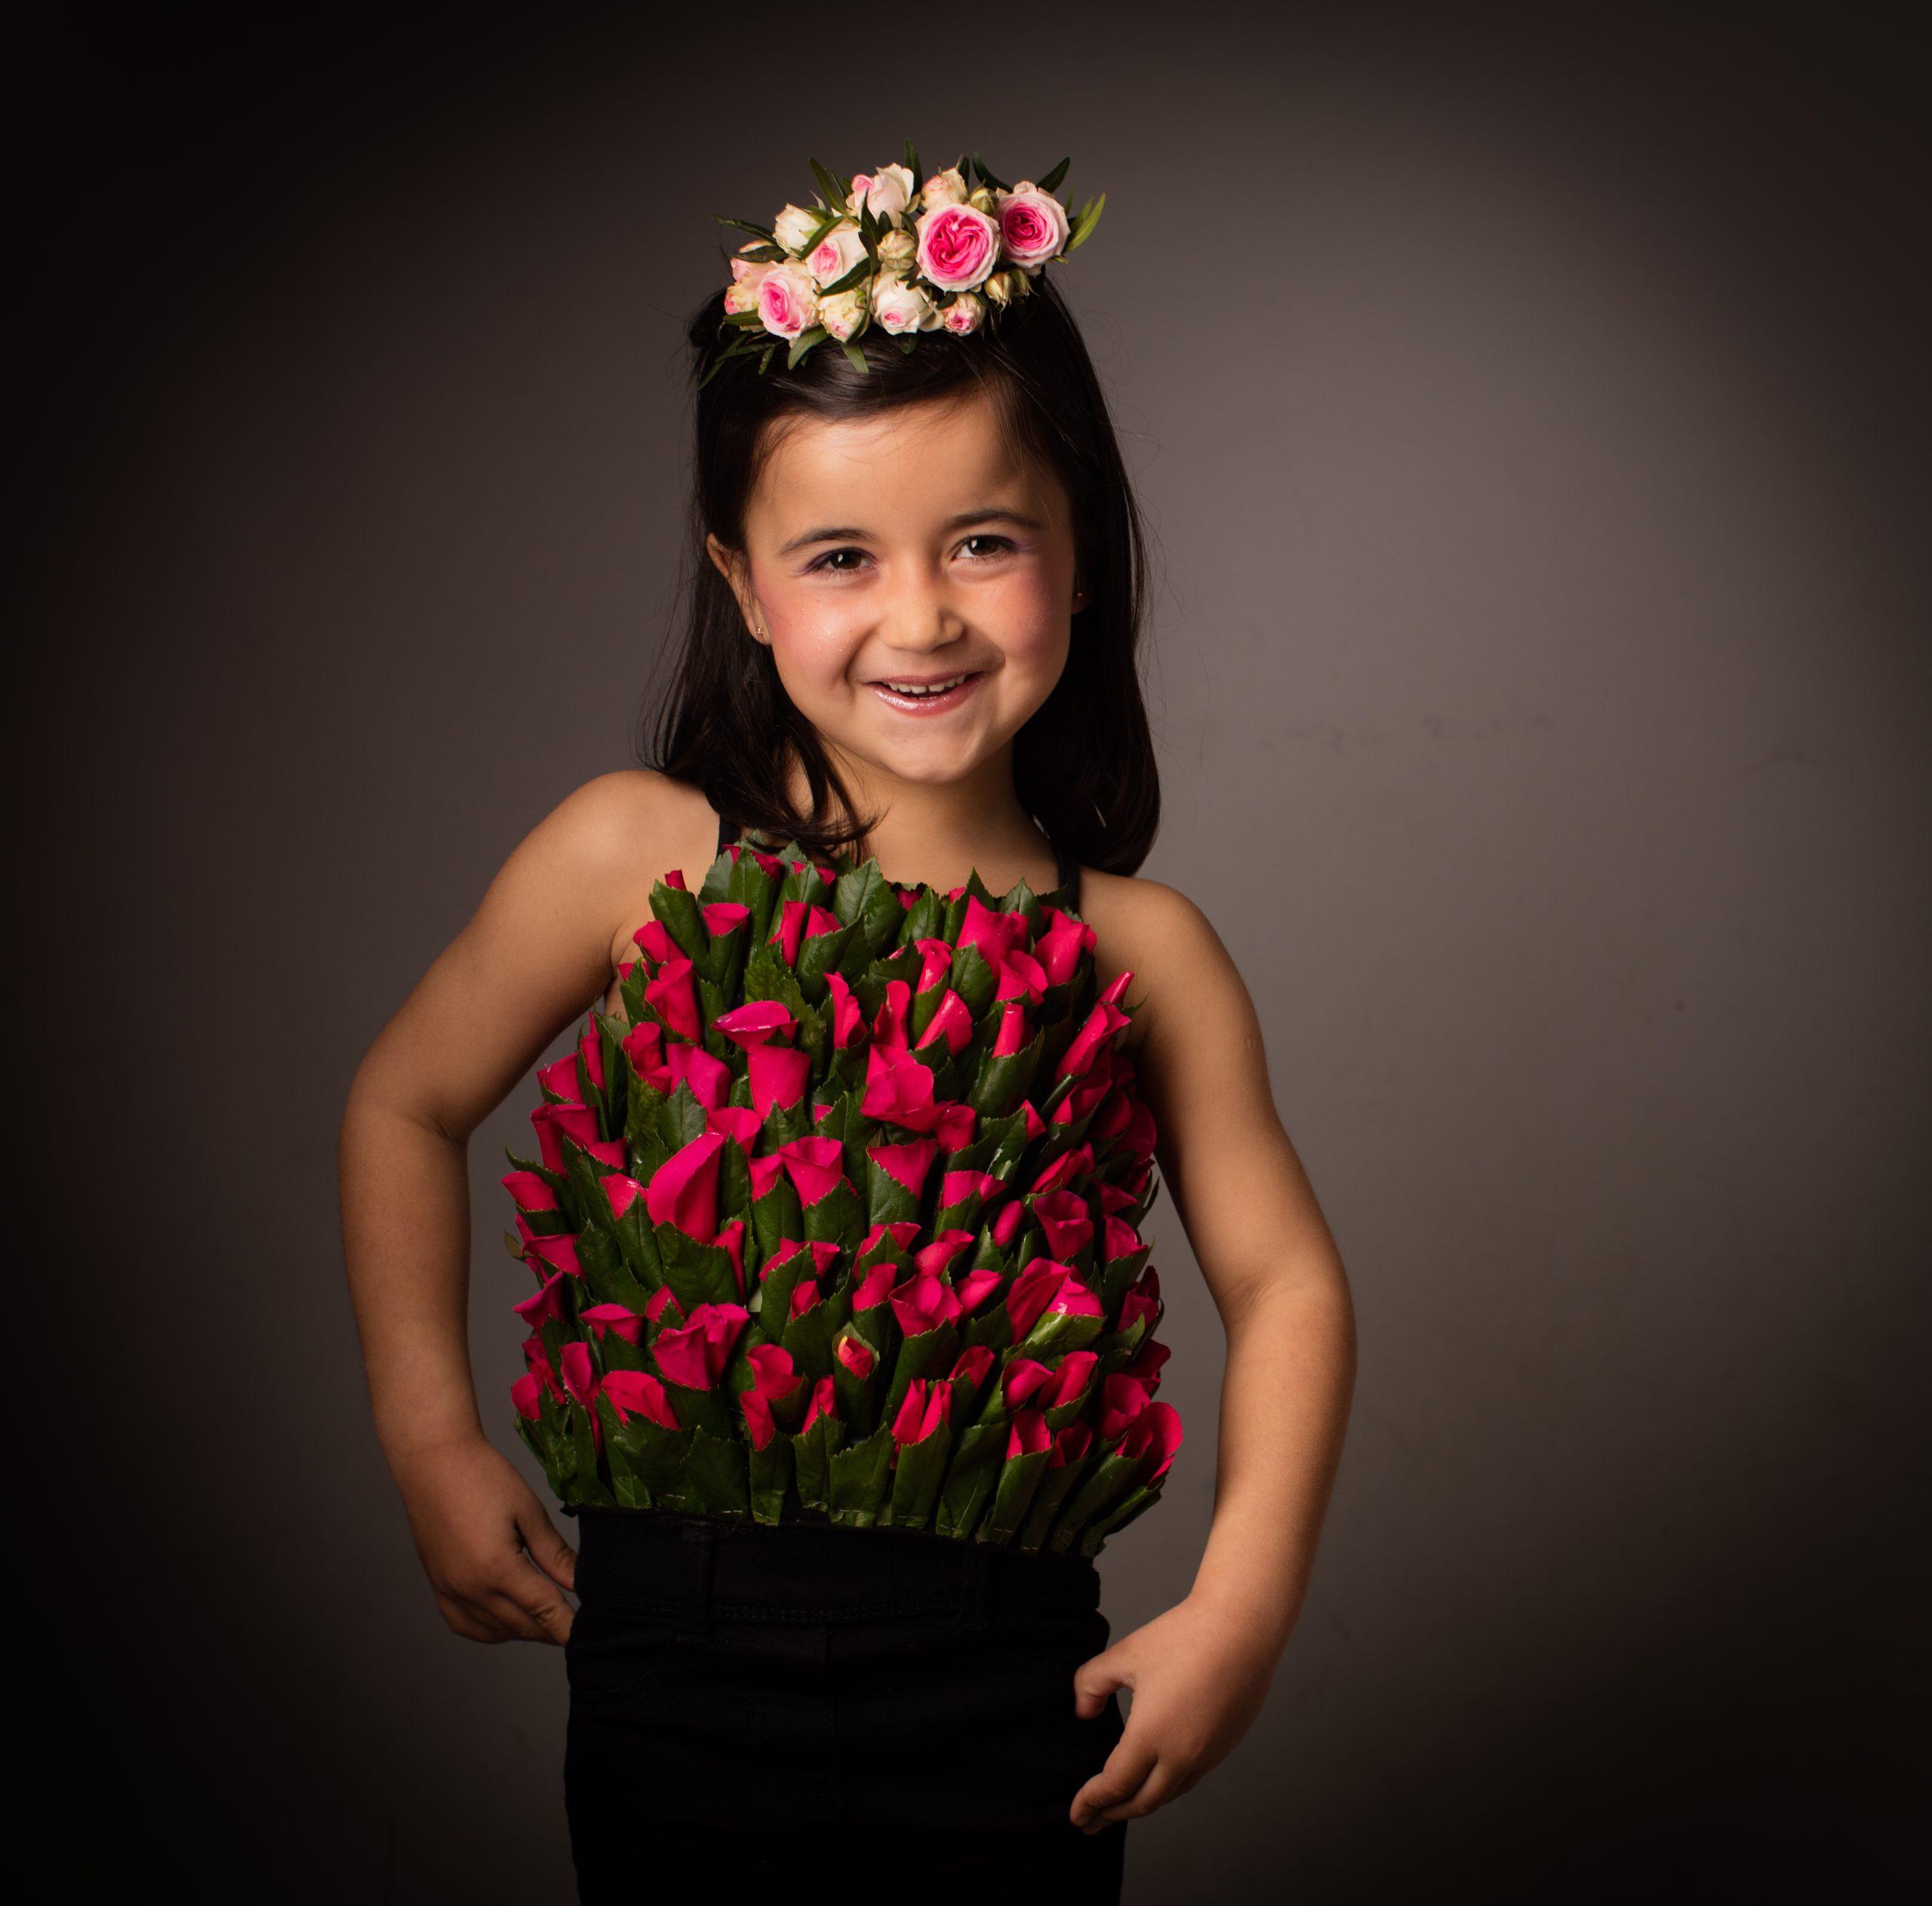 photo enfant fille 5 ans fleurs